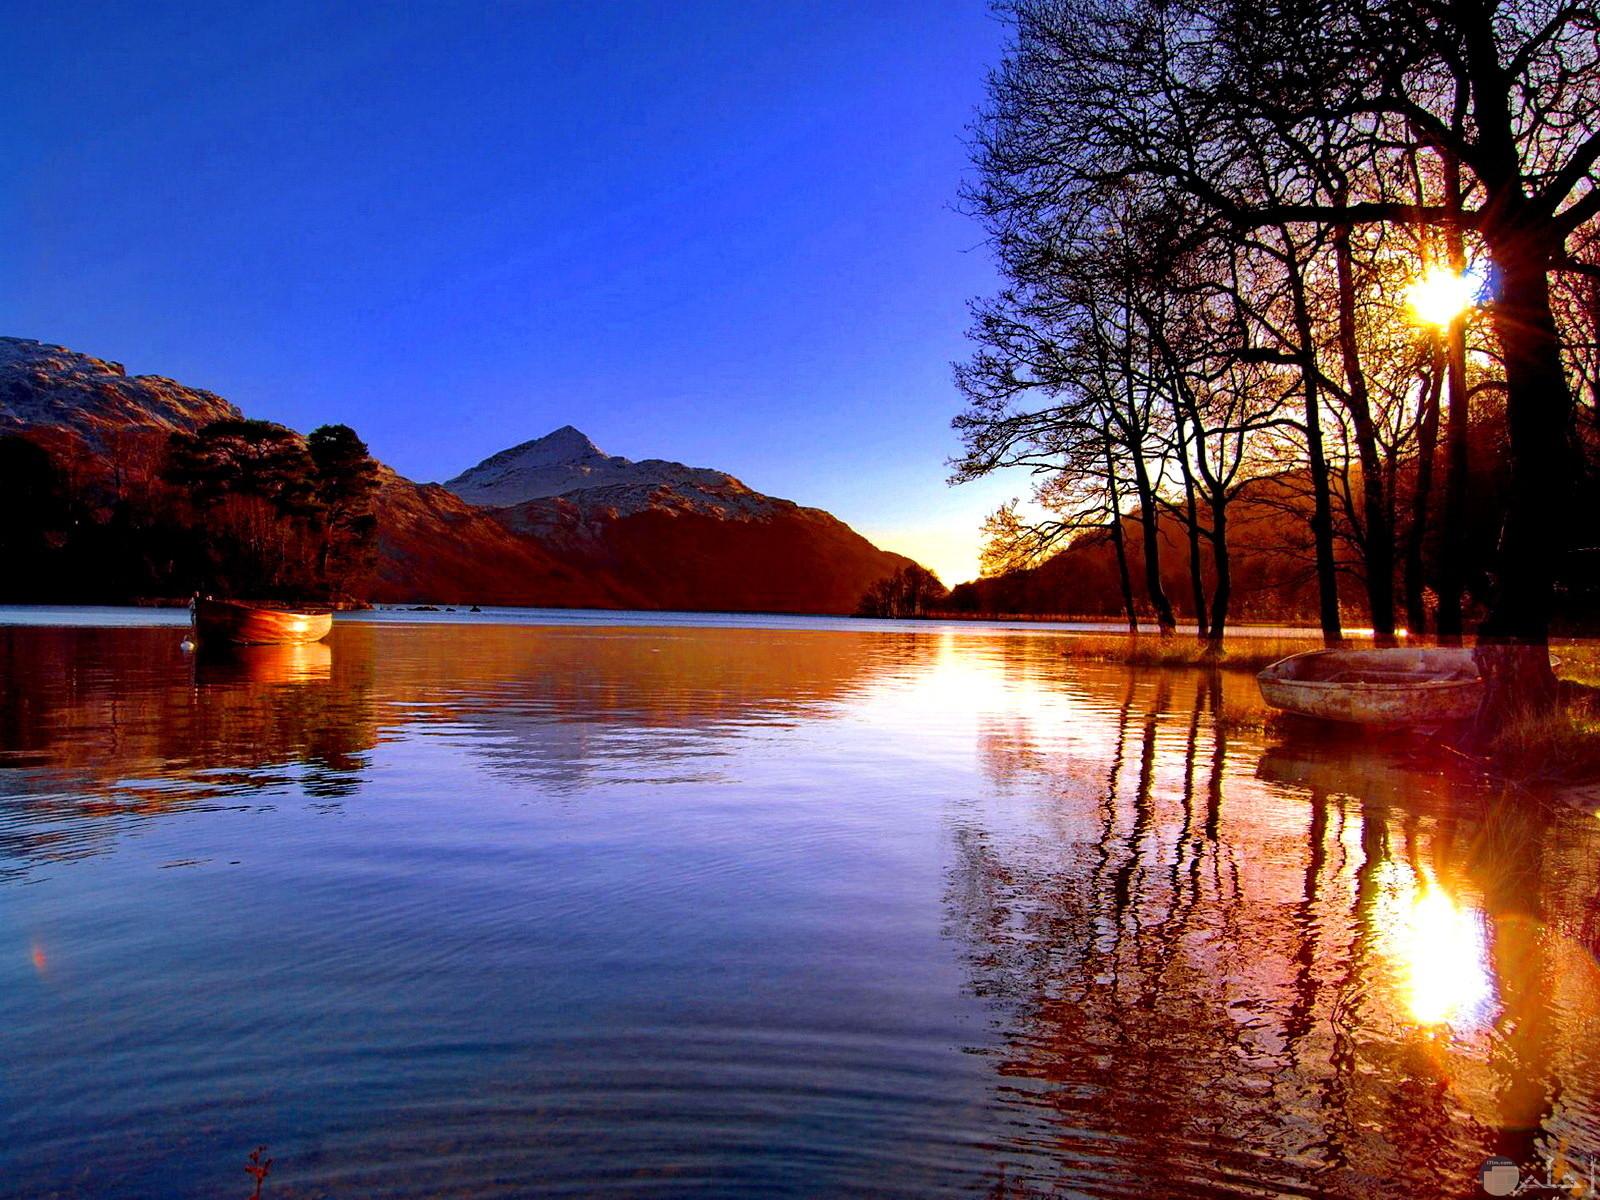 جمال الشمس خلف الجبال في وجود الجبال و الأشجار.